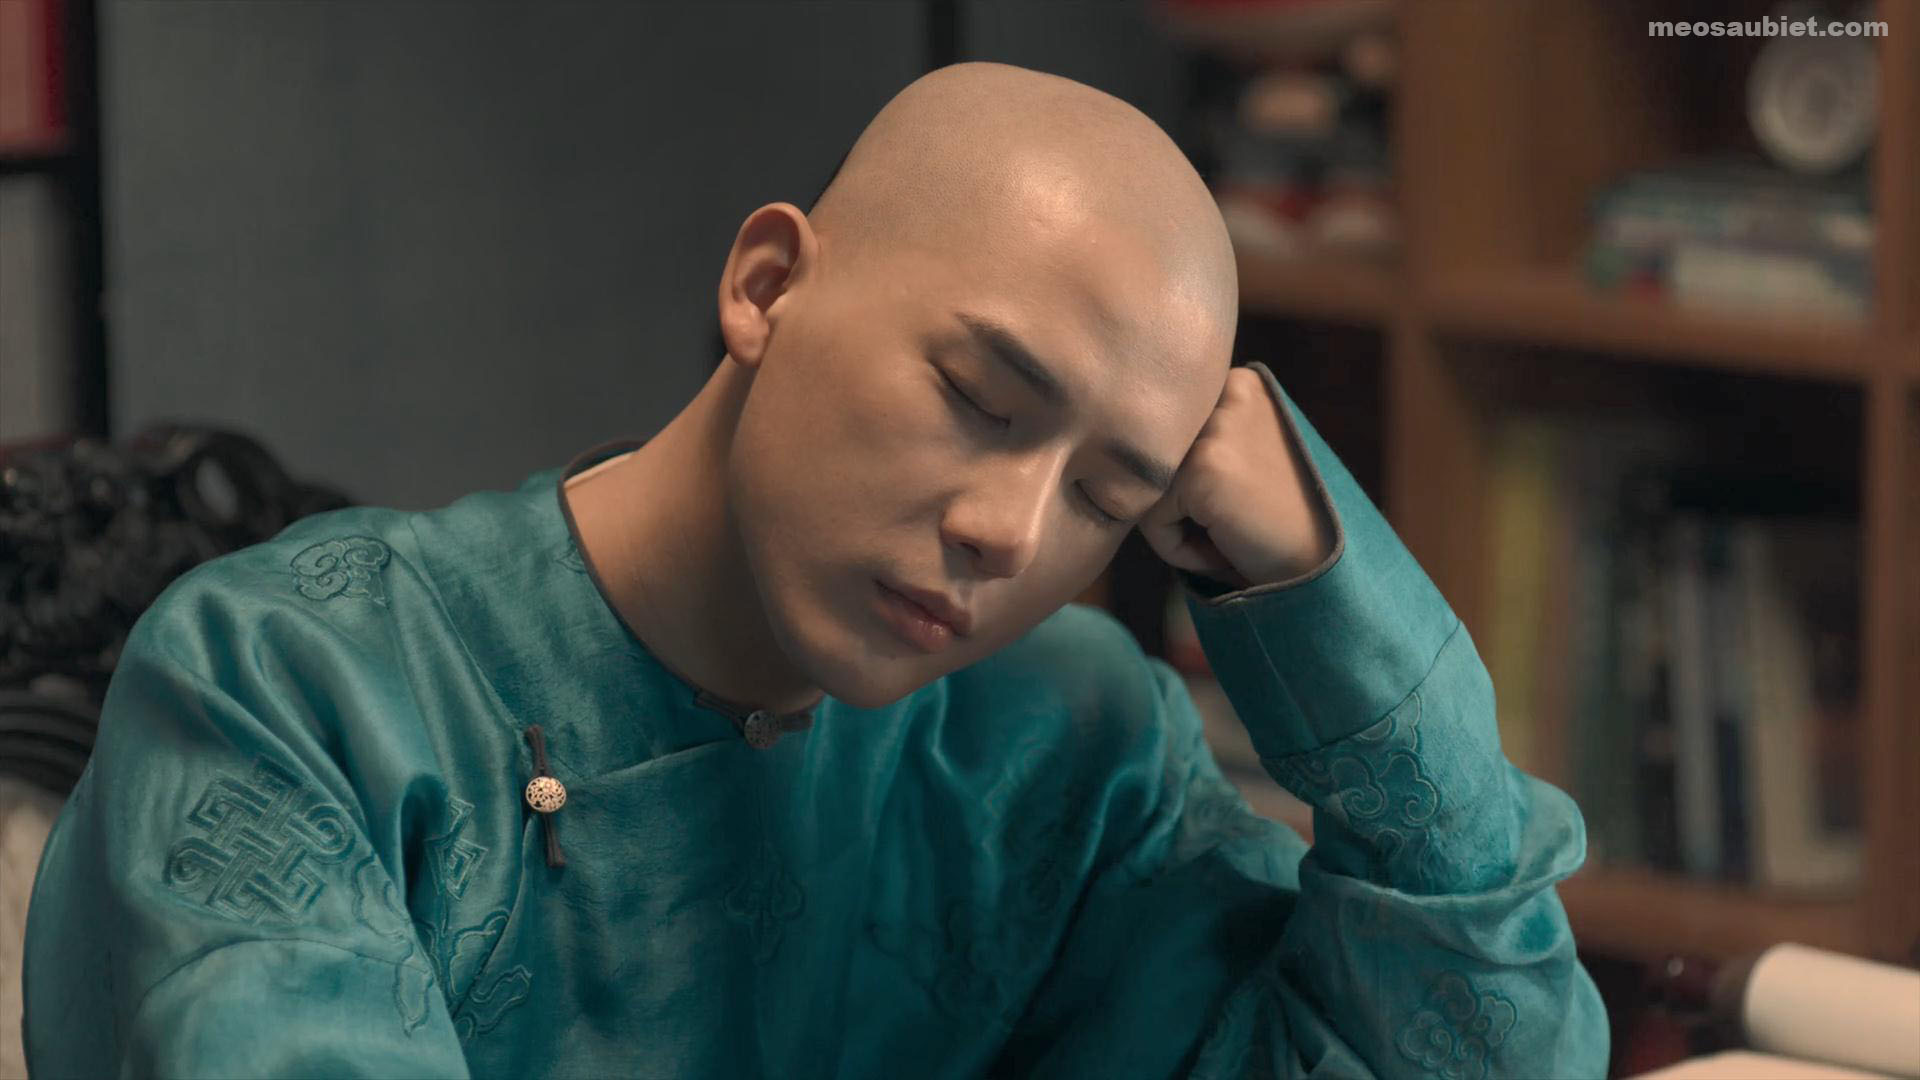 Mộng hồi Đại Thanh 2019 Vương An Vũ trong vai Ái Tân Giác La · Dận Tường , Thập tam A ca